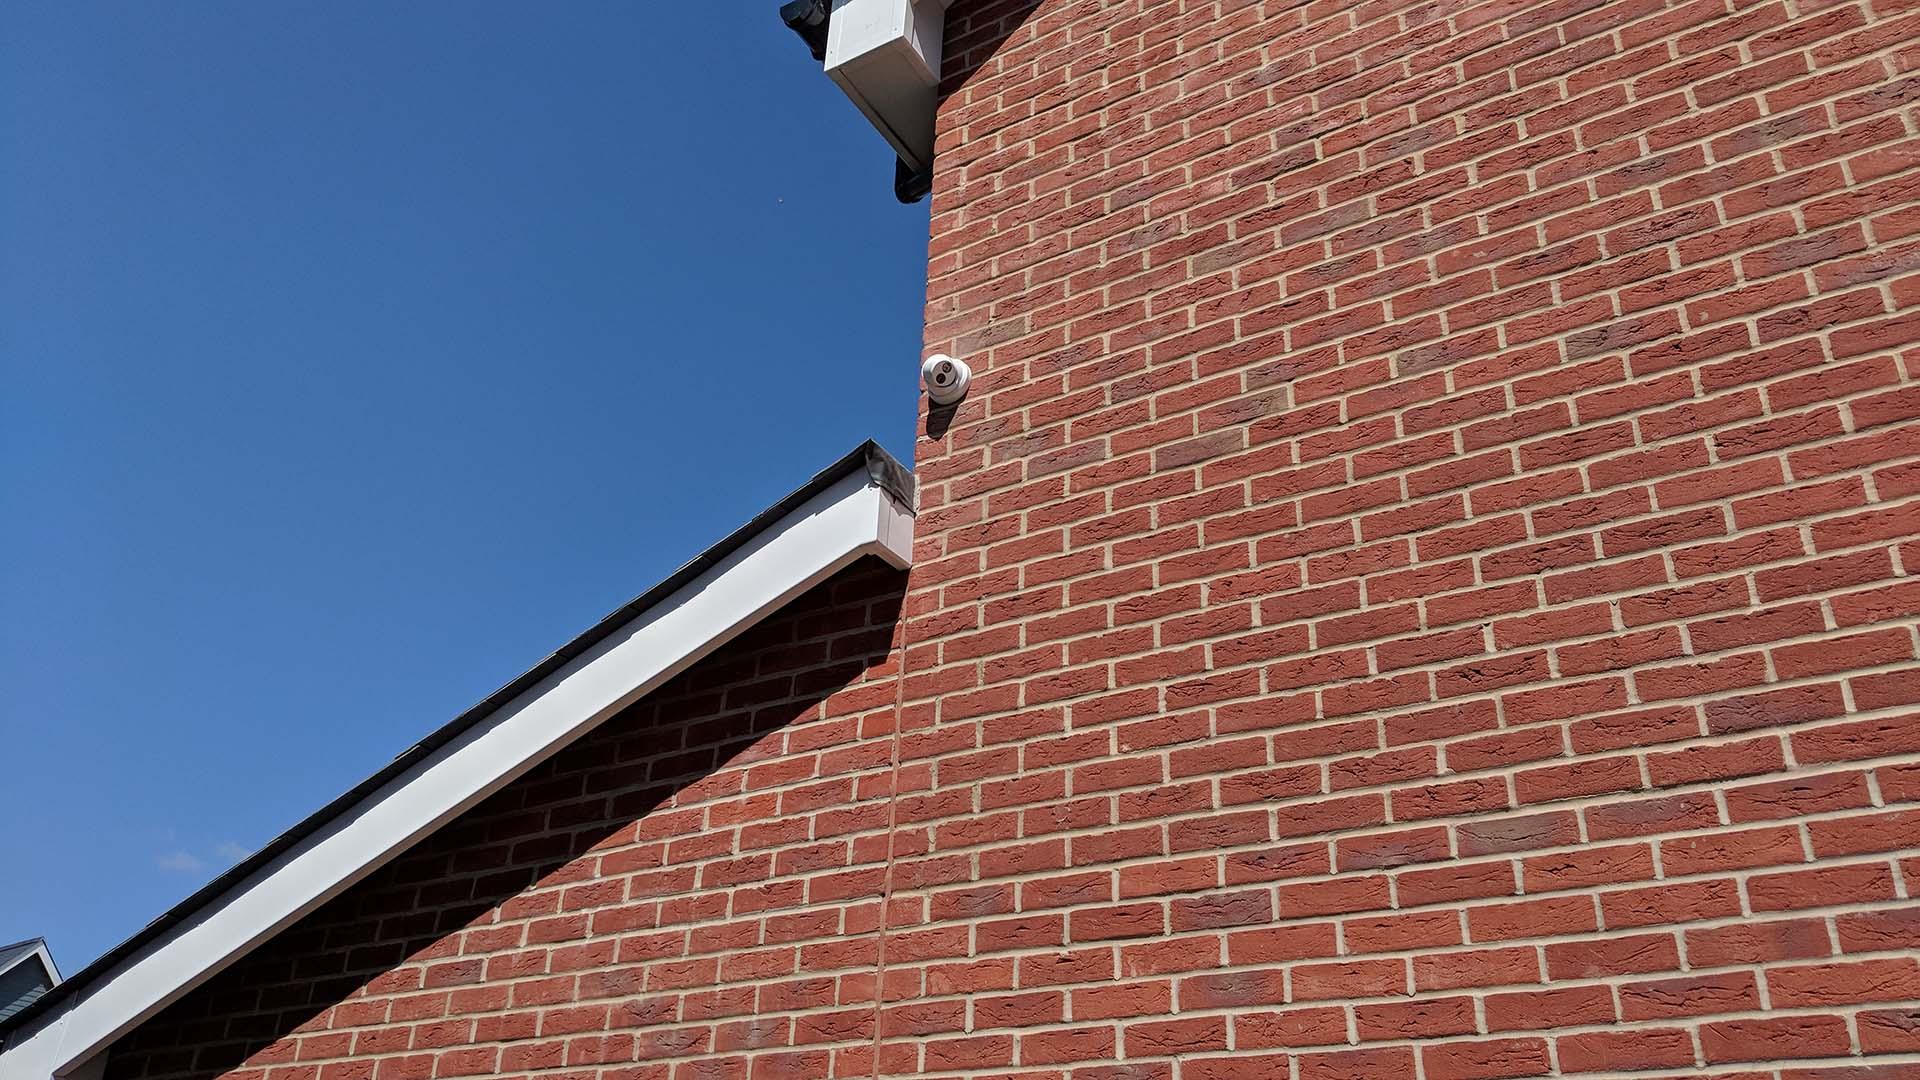 CCTV Installation in Beaulieu, Chelmsford